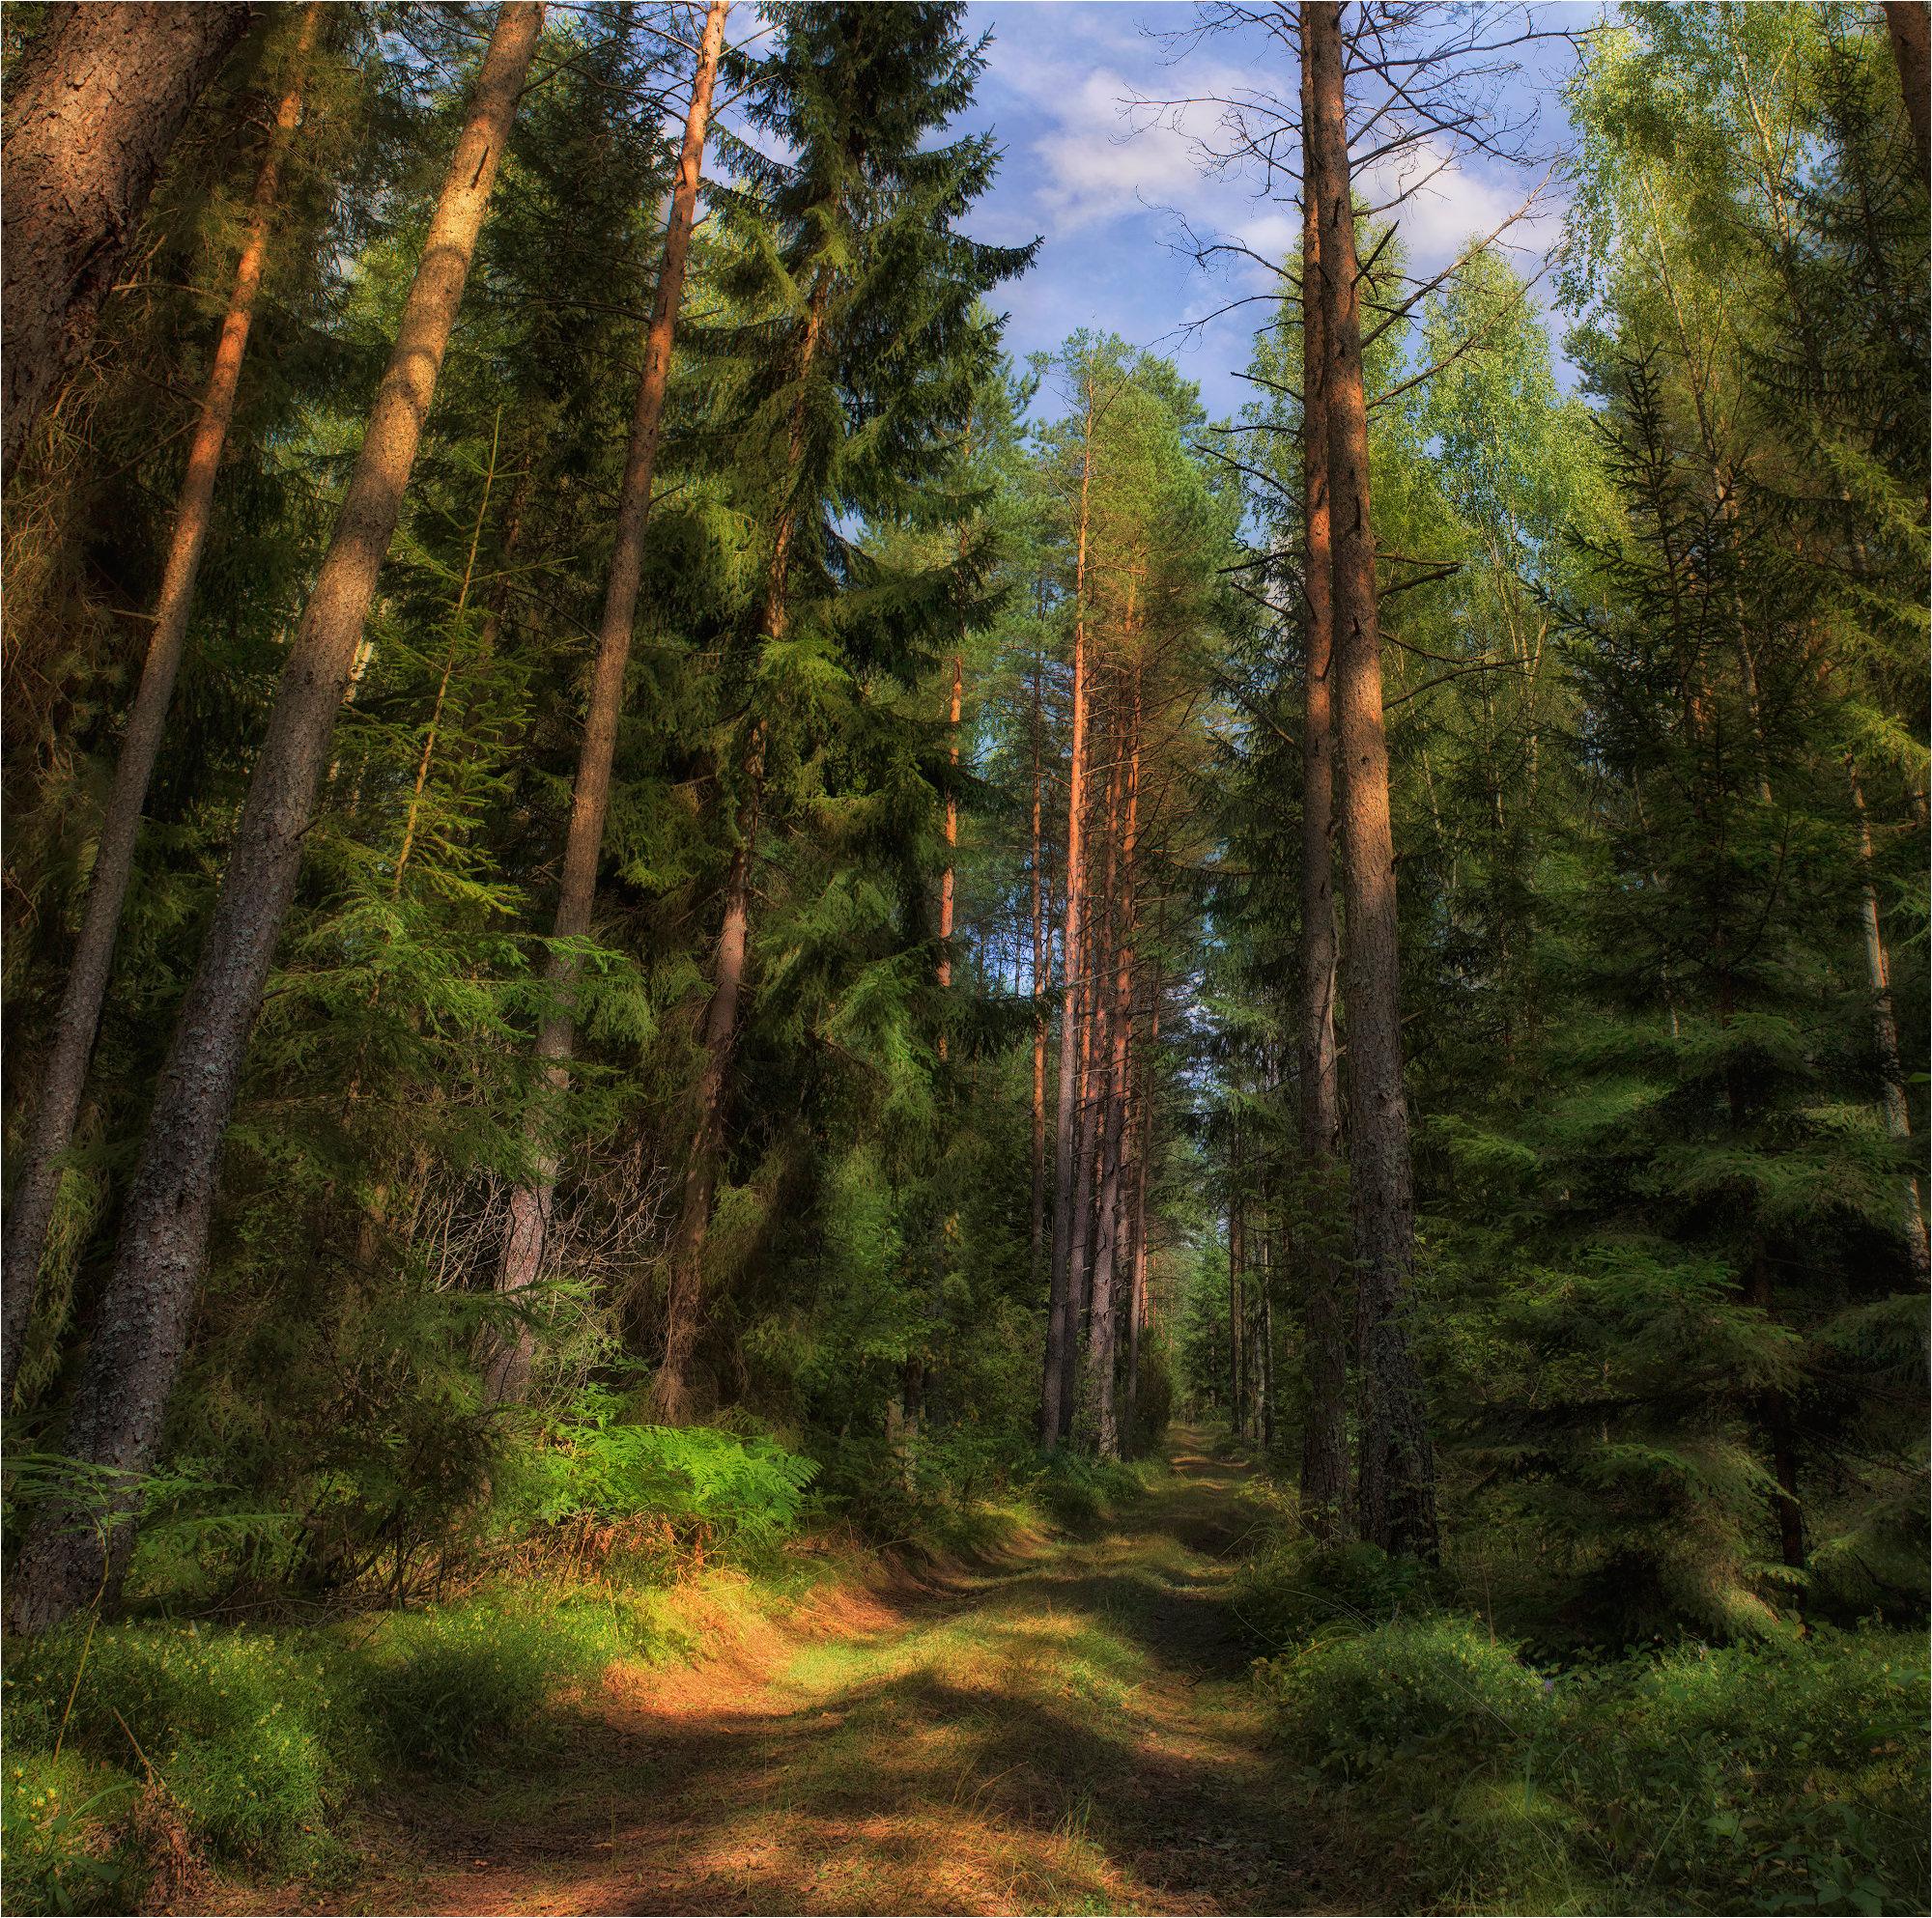 картинки лесные просторы прохладном месте более